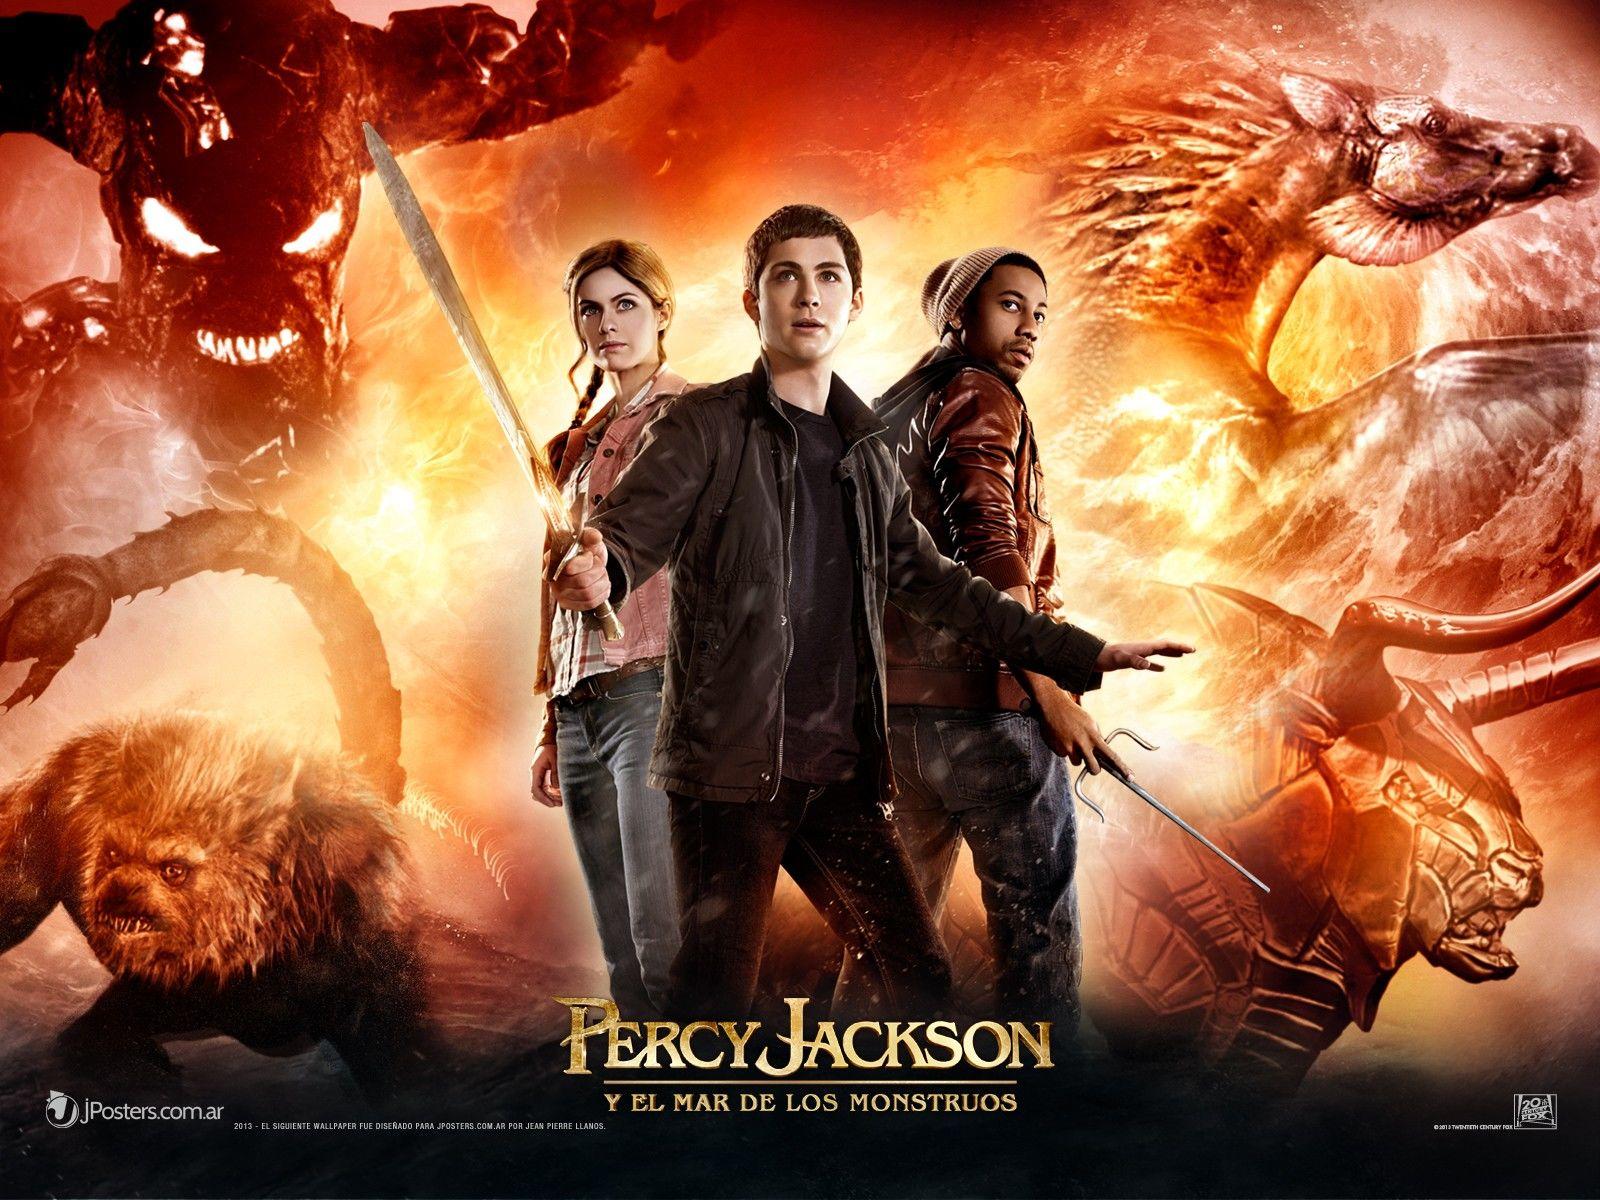 Перси Джексон и Море чудовищ (2 13) - смотреть онлайн